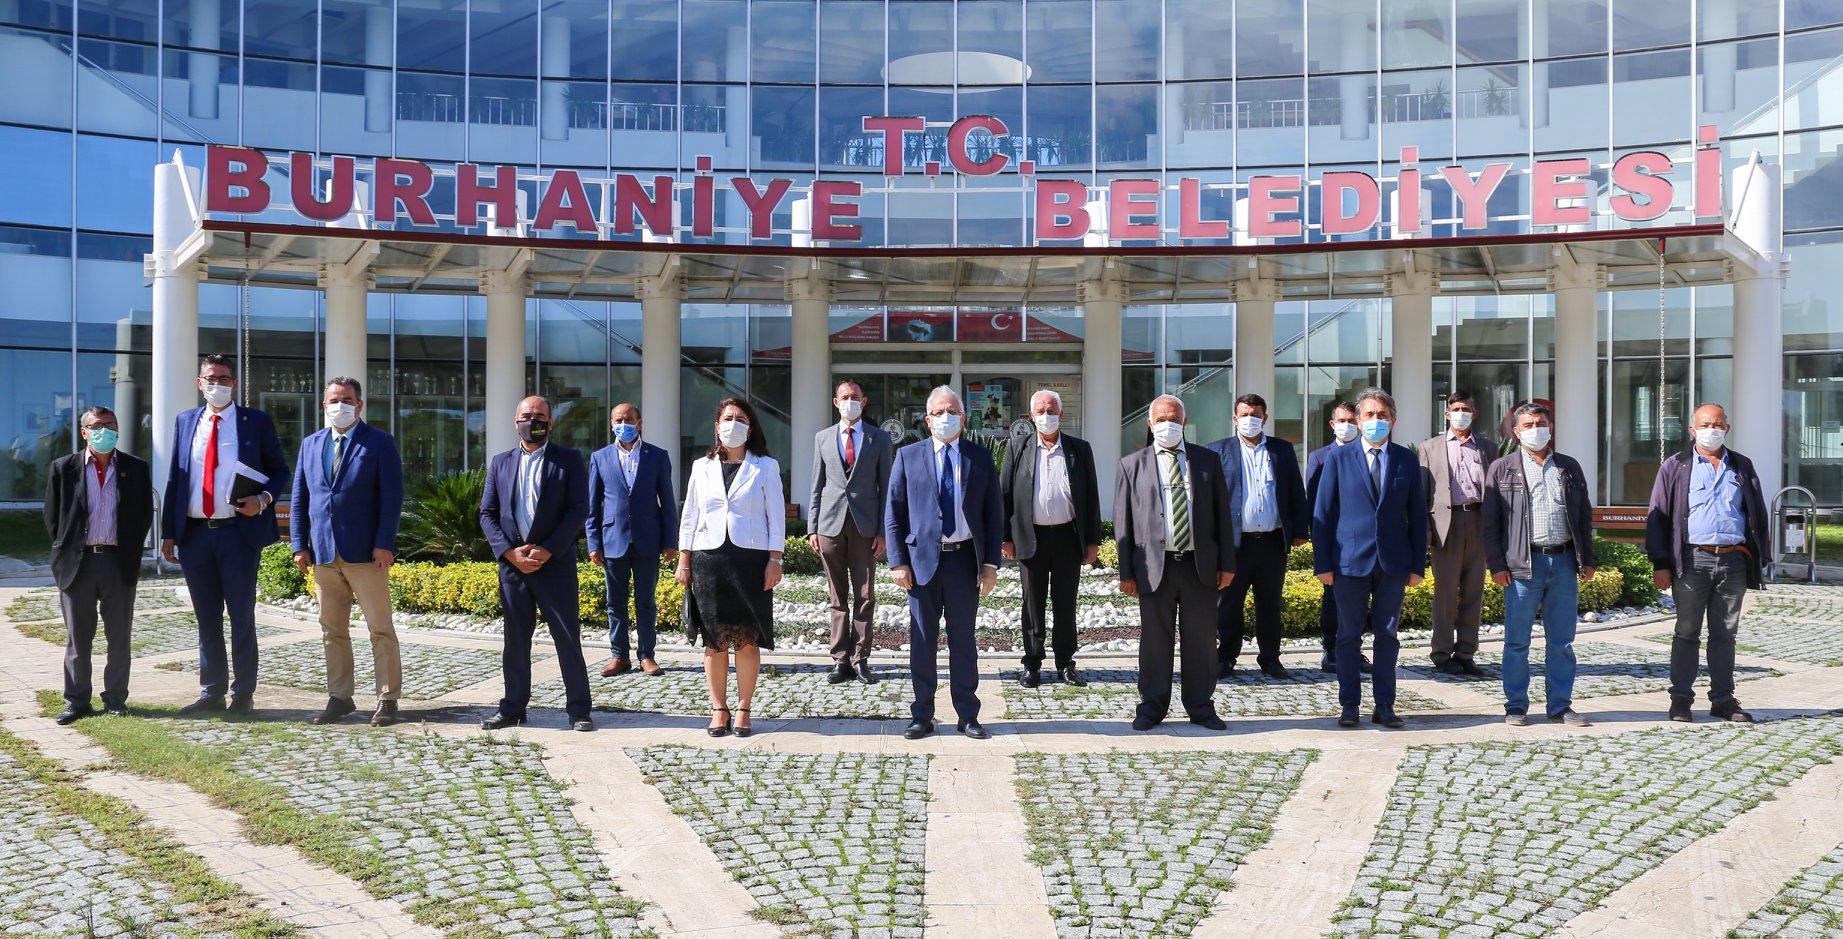 """Burhaniye Belediye Başkanı Ali Kemal Deveciler: """"Çözüm Ortağımız Muhtarlarımızın Gününü Kutluyorum"""""""